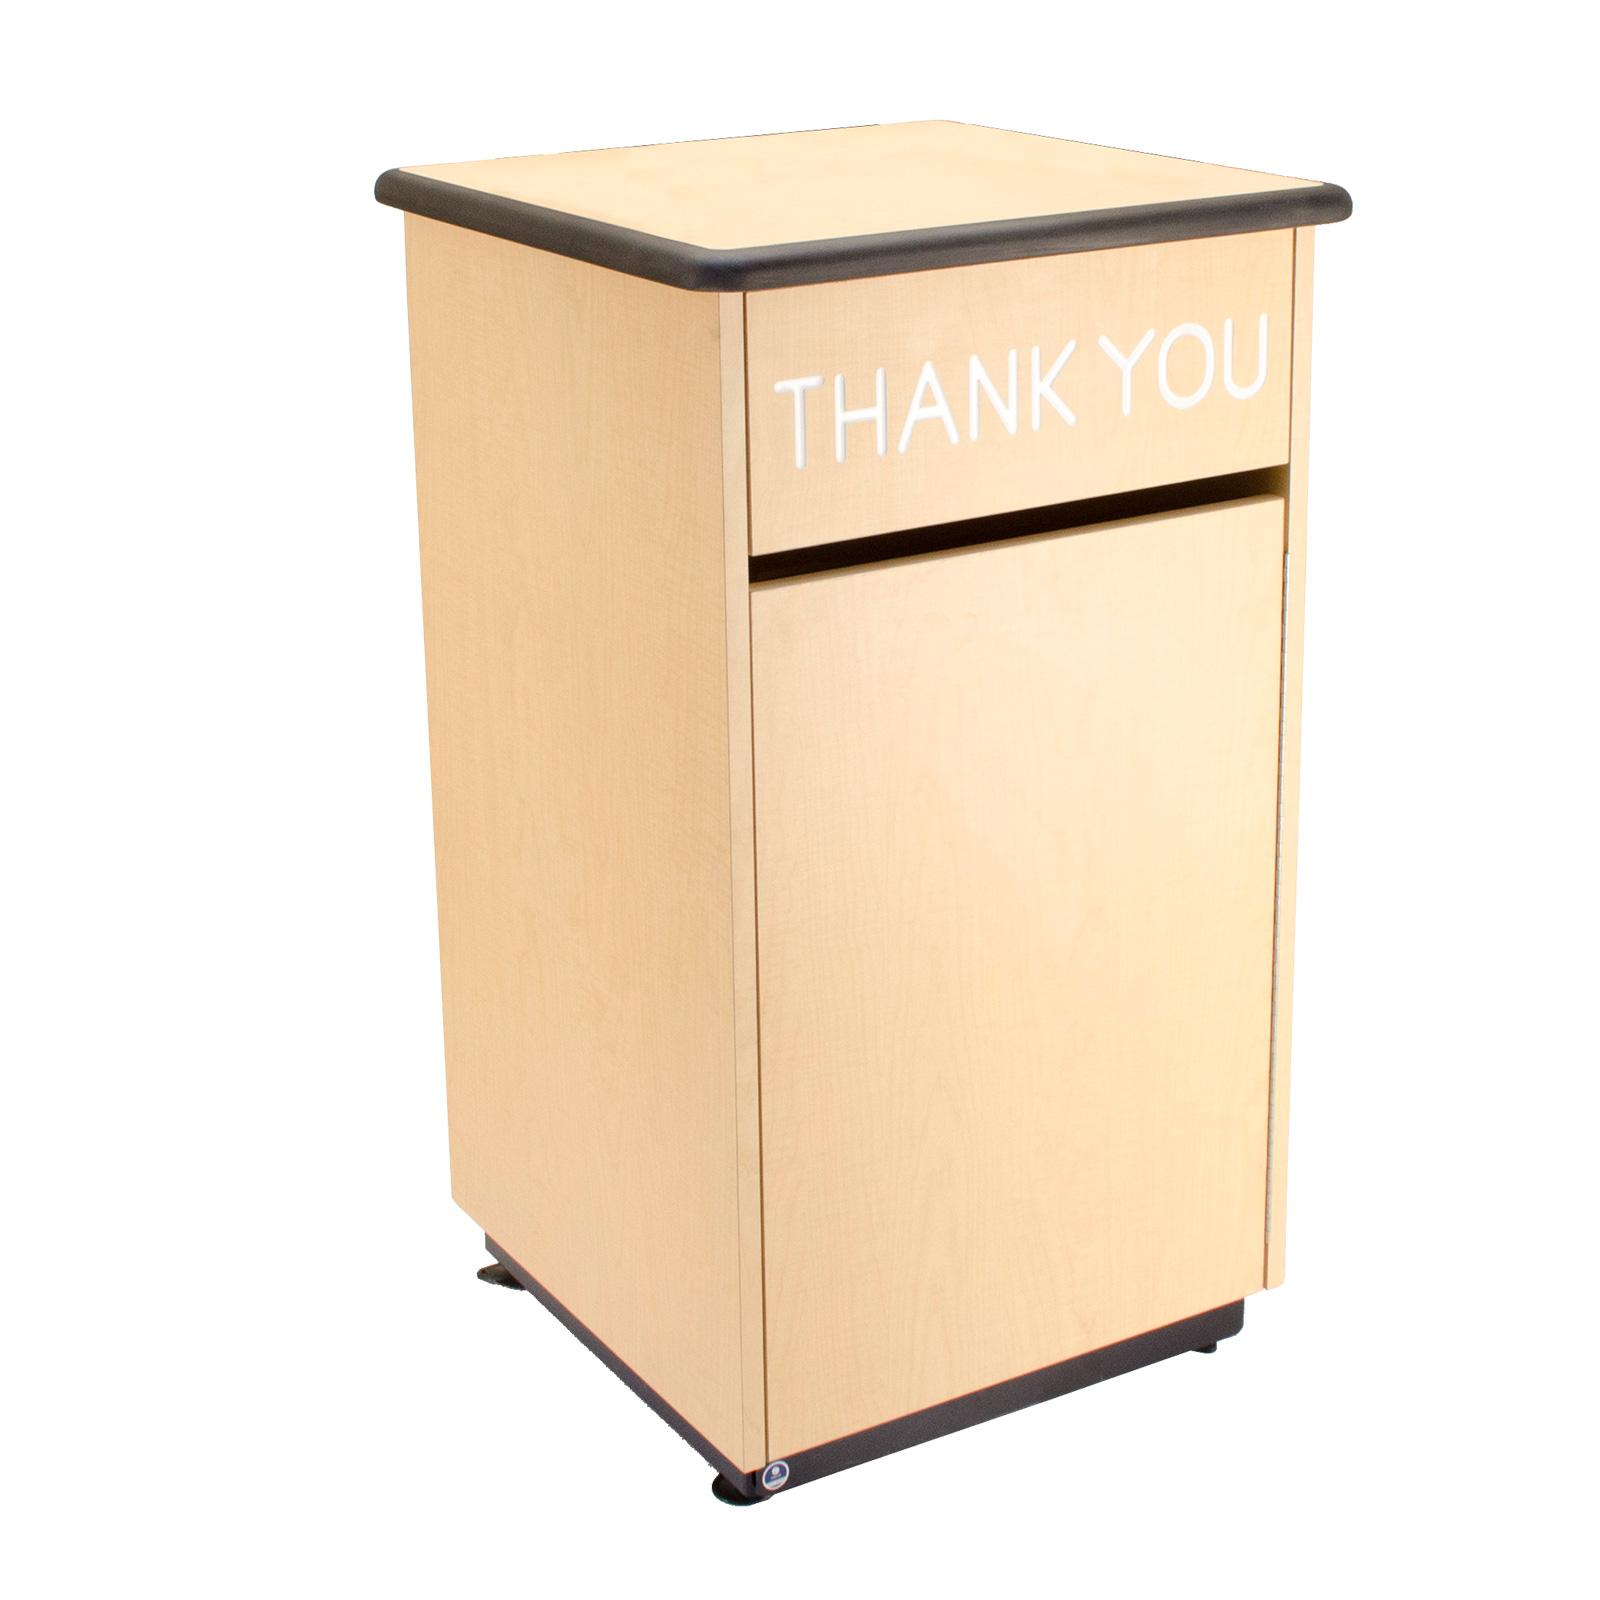 Plymold 80100DE trash receptacle, cabinet style